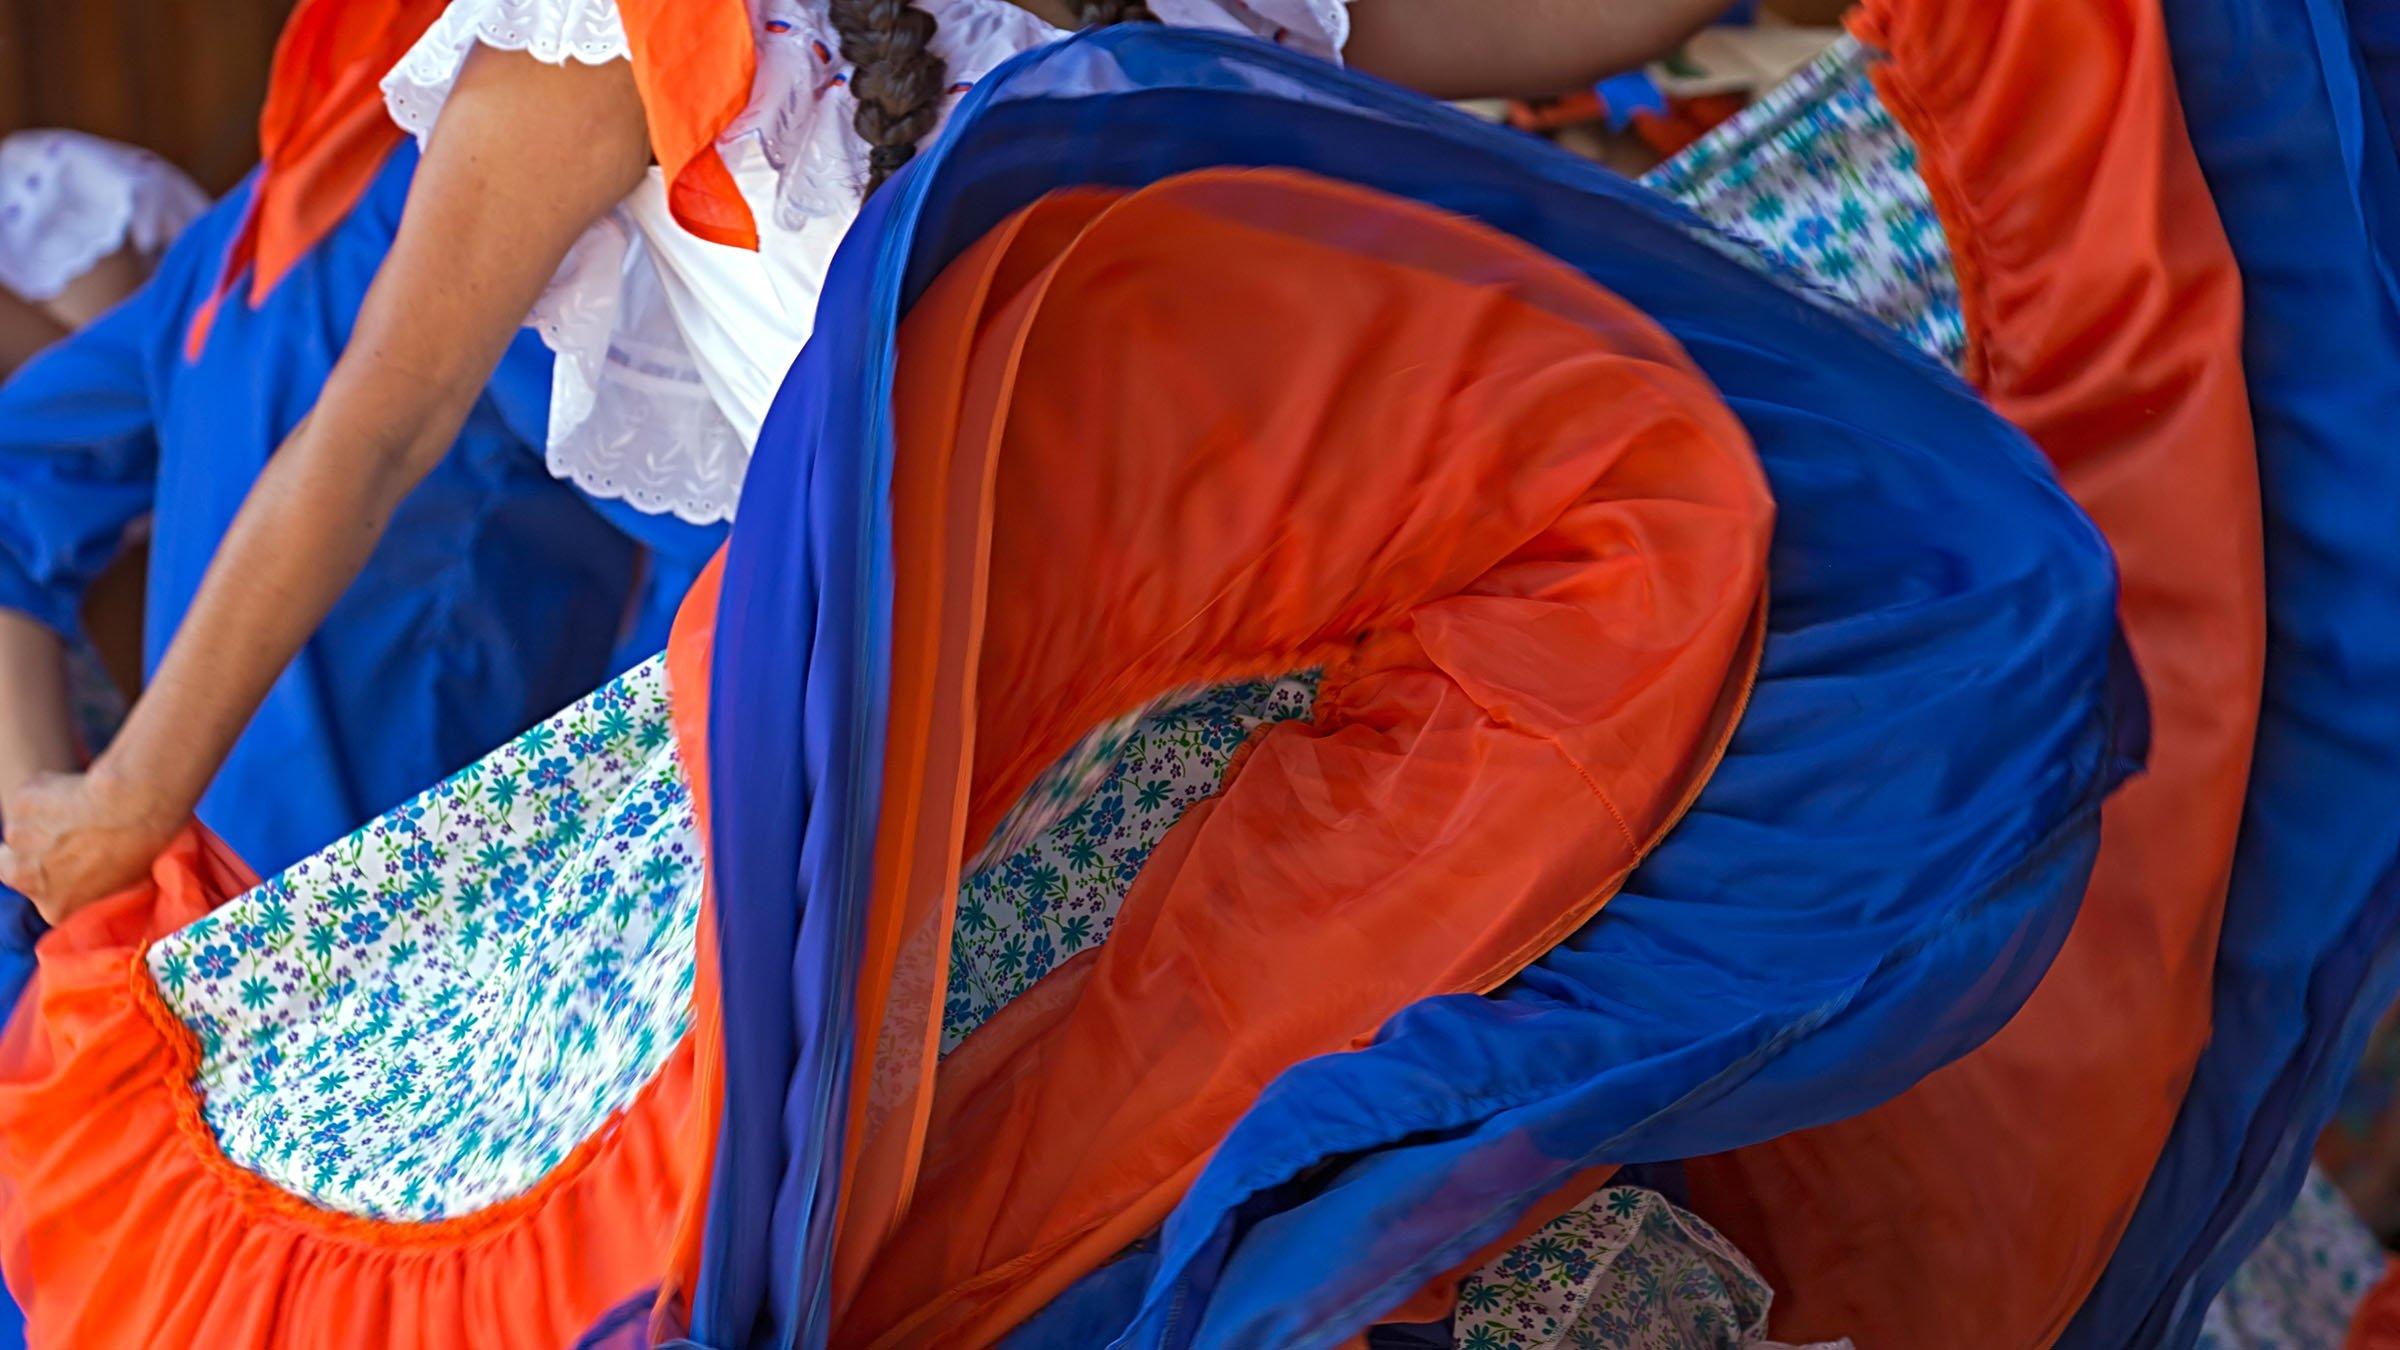 9965eaf423 Las faldas coloridas  elemento esencial del traje típico de Costa Rica